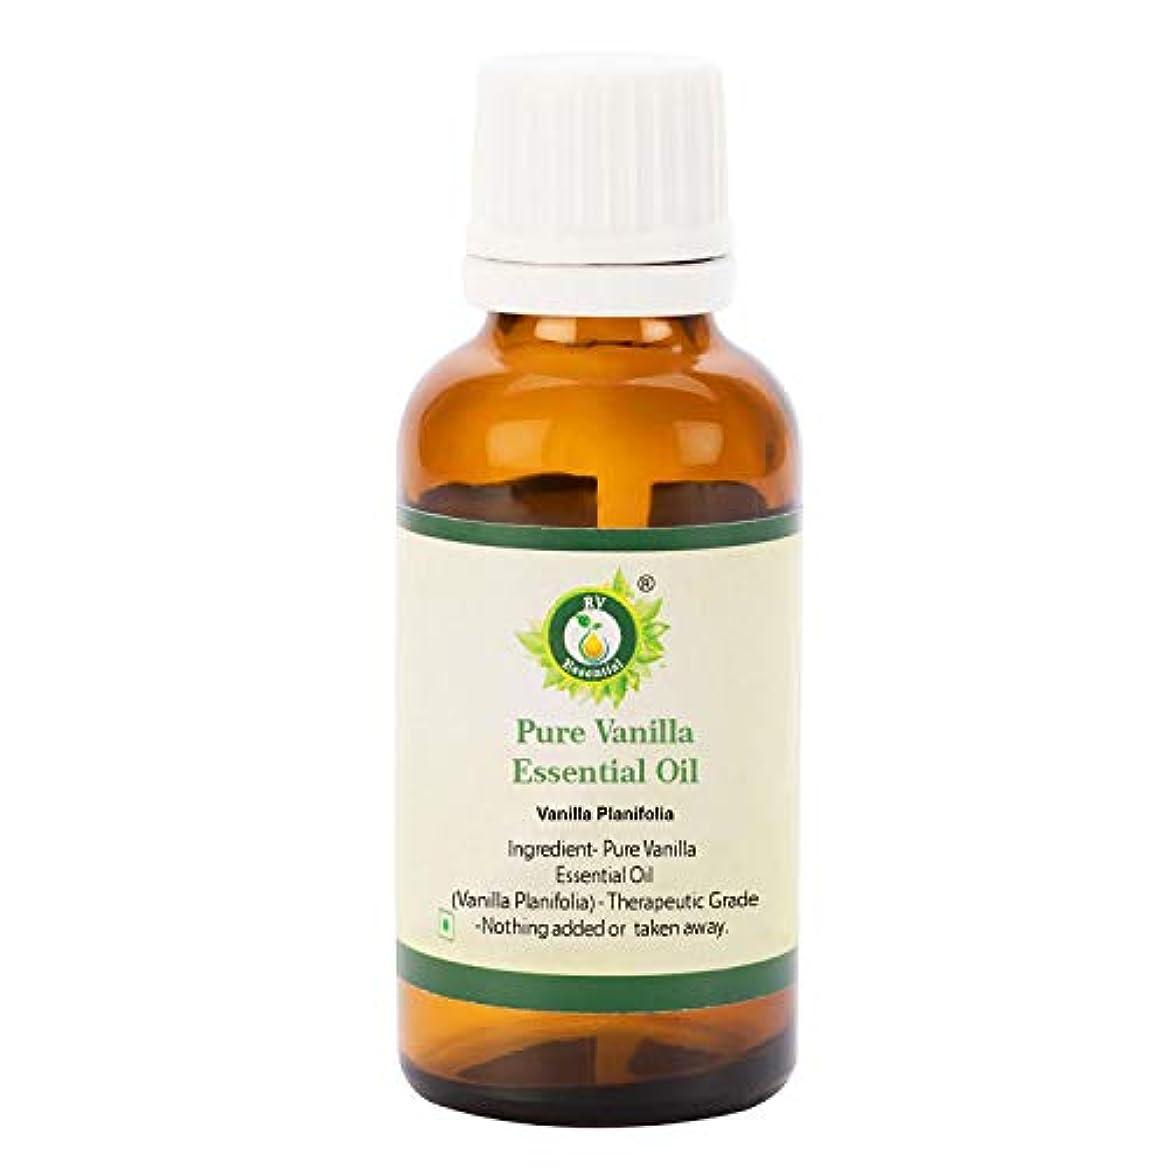 無効未接続氷R V Essential ピュアバニラエッセンシャルオイル50ml (1.69oz)- Vanilla Planifolia (100%純粋&天然) Pure Vanilla Essential Oil